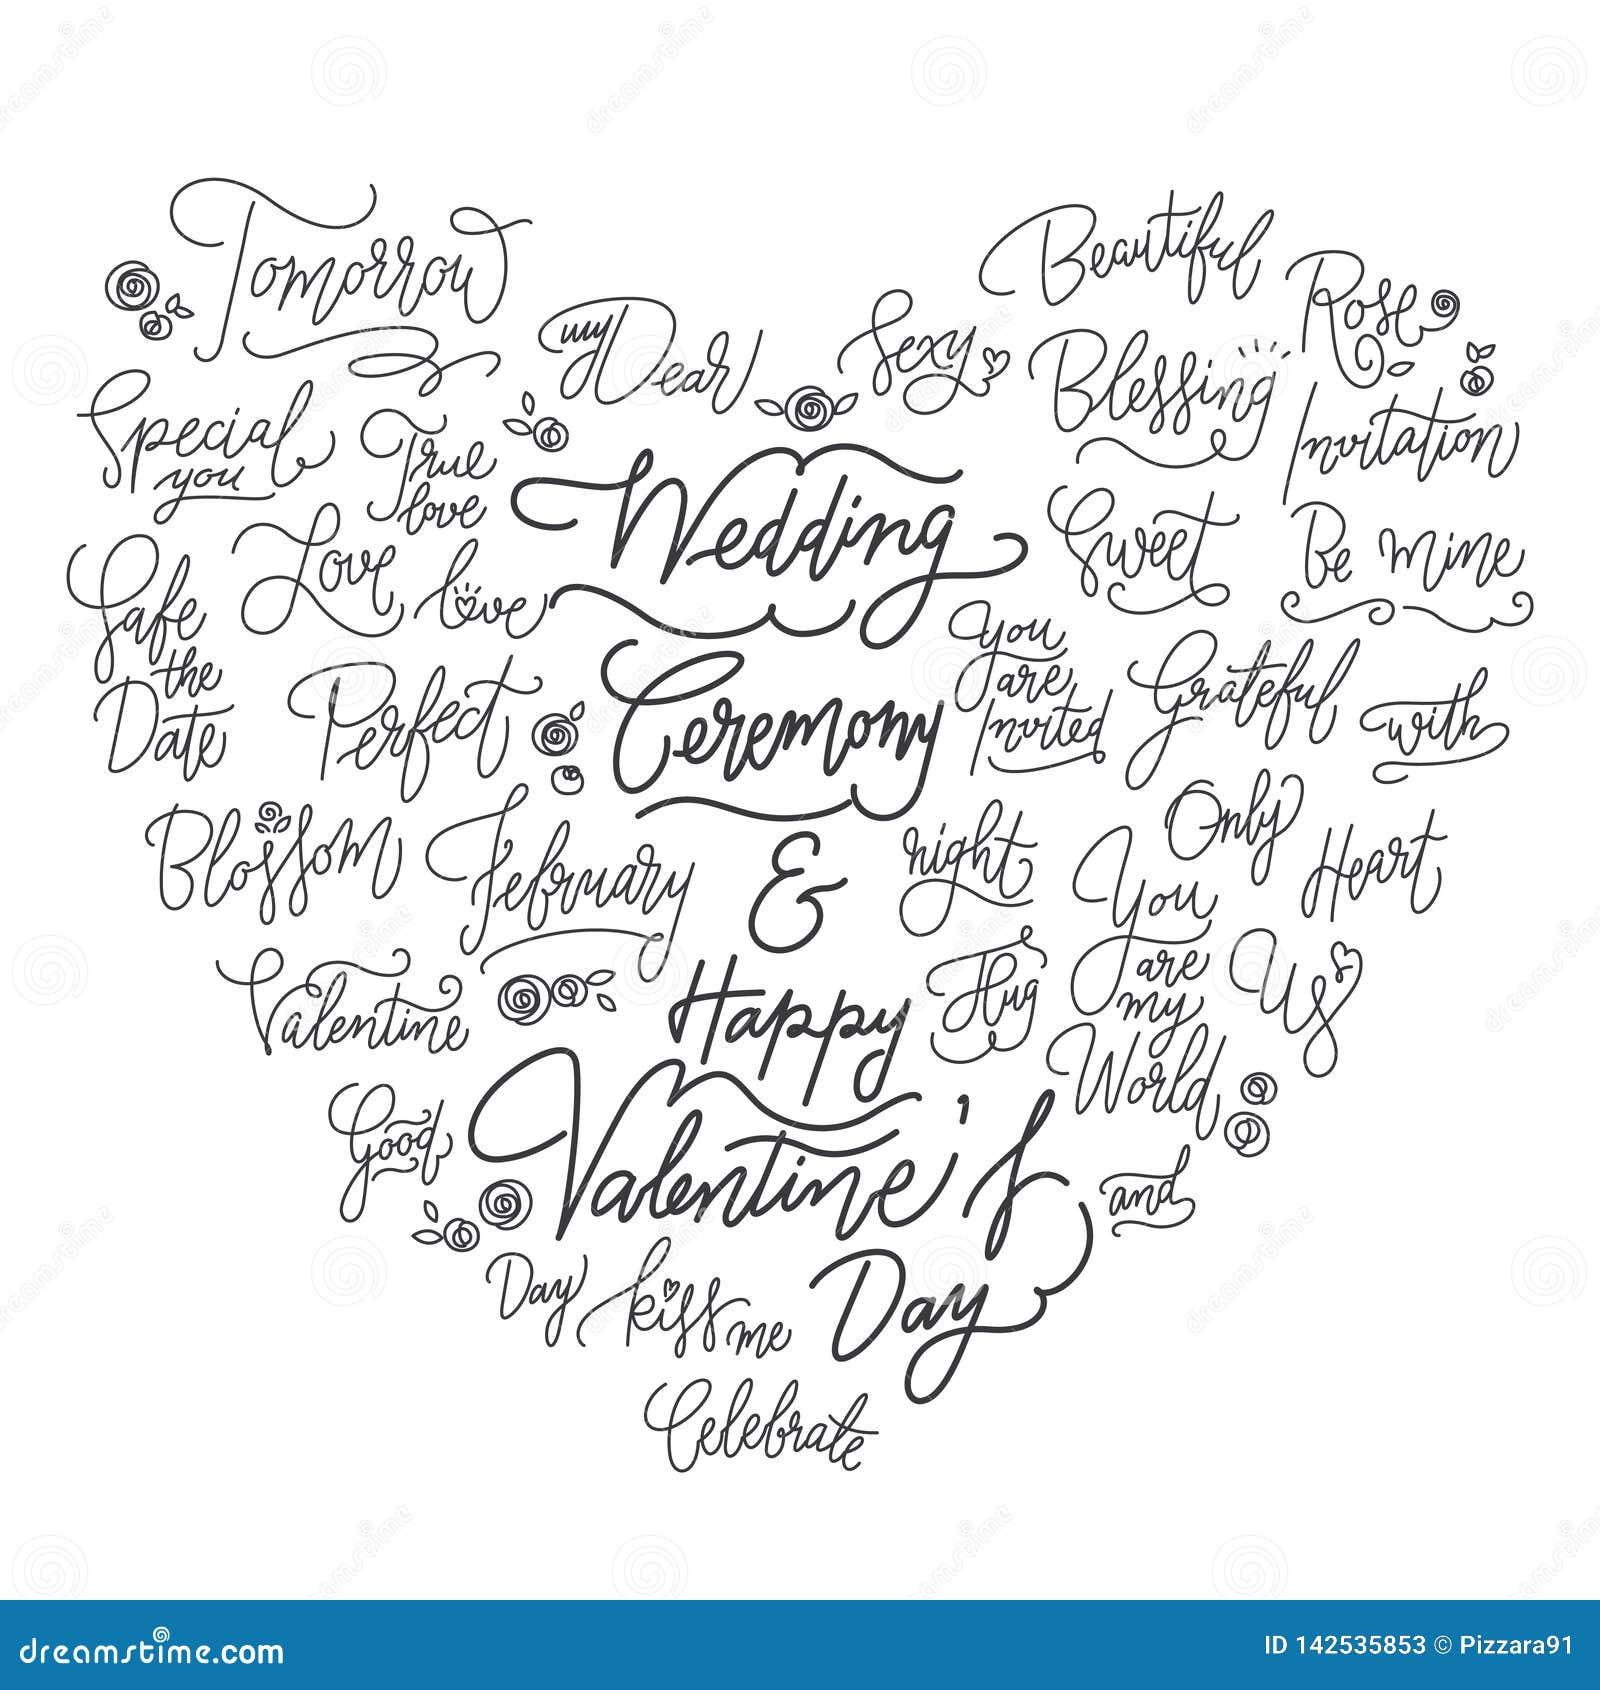 Citazioni calligrafiche di nozze buone nella forma del cuore